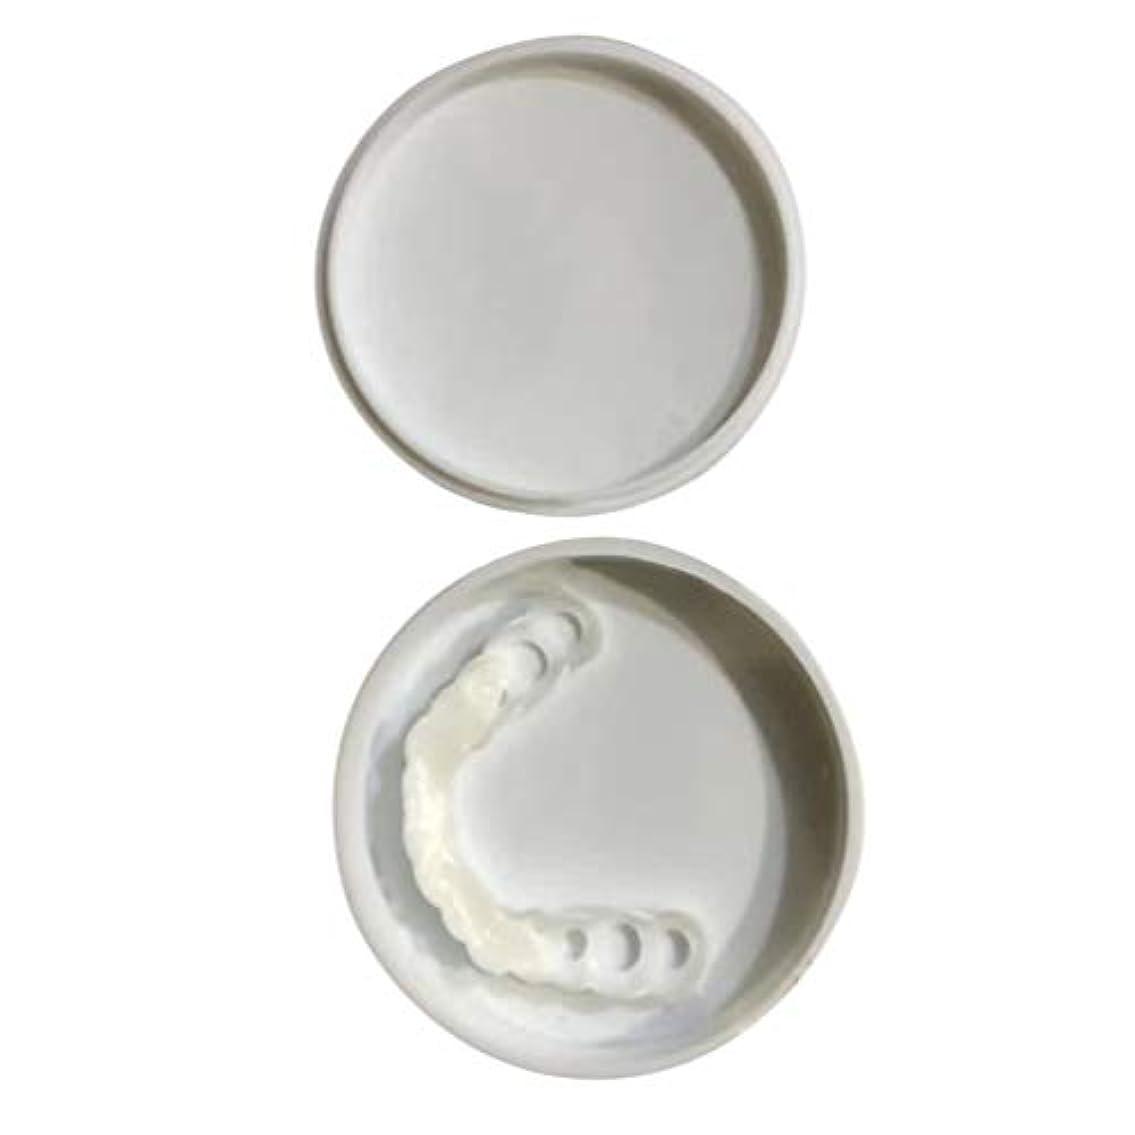 バッフル絶望的な底快適なスナップオン男性女性歯インスタントパーフェクトスマイルコンフォートフィットフレックス歯フィットホワイトニング笑顔偽歯カバー - ホワイト